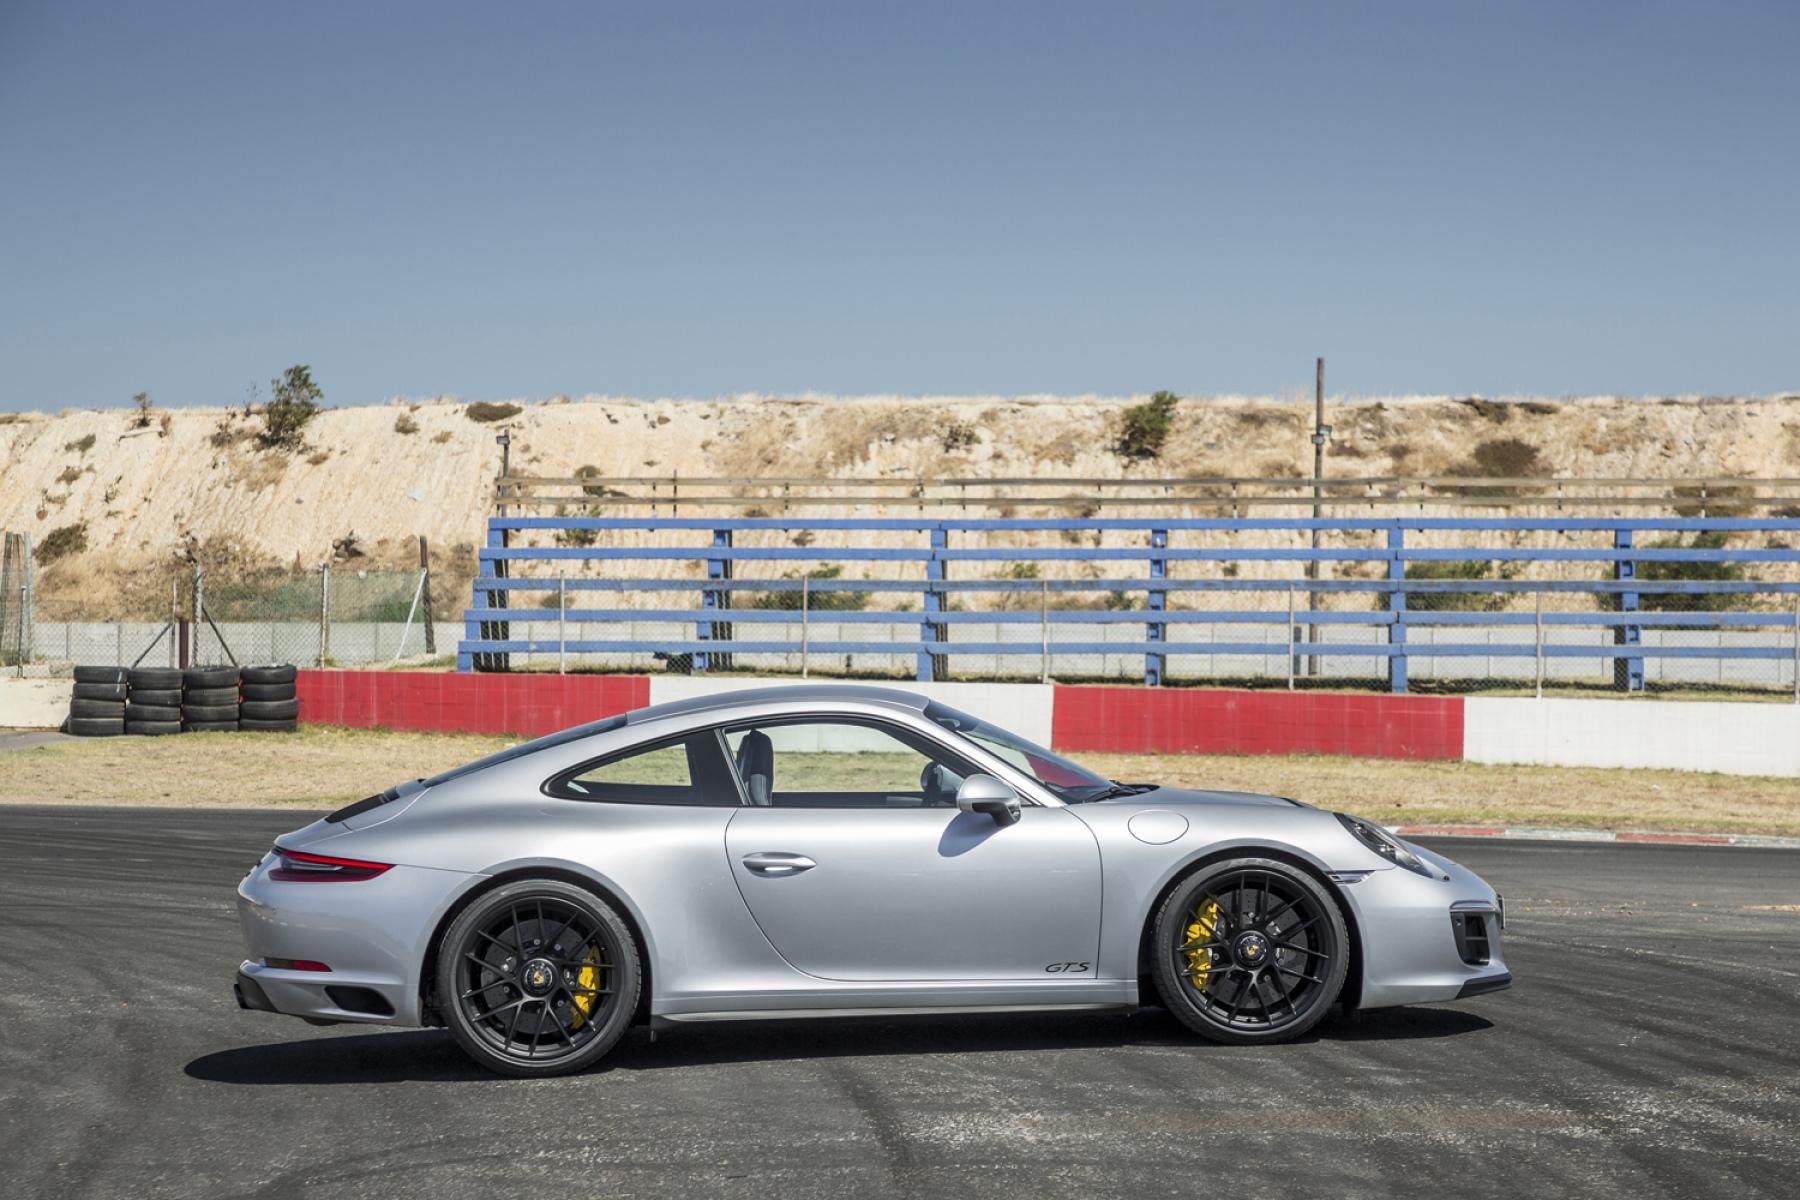 Porsche 911 Carrera GTS Coupé Rhodium Silver Metallic - The new 911